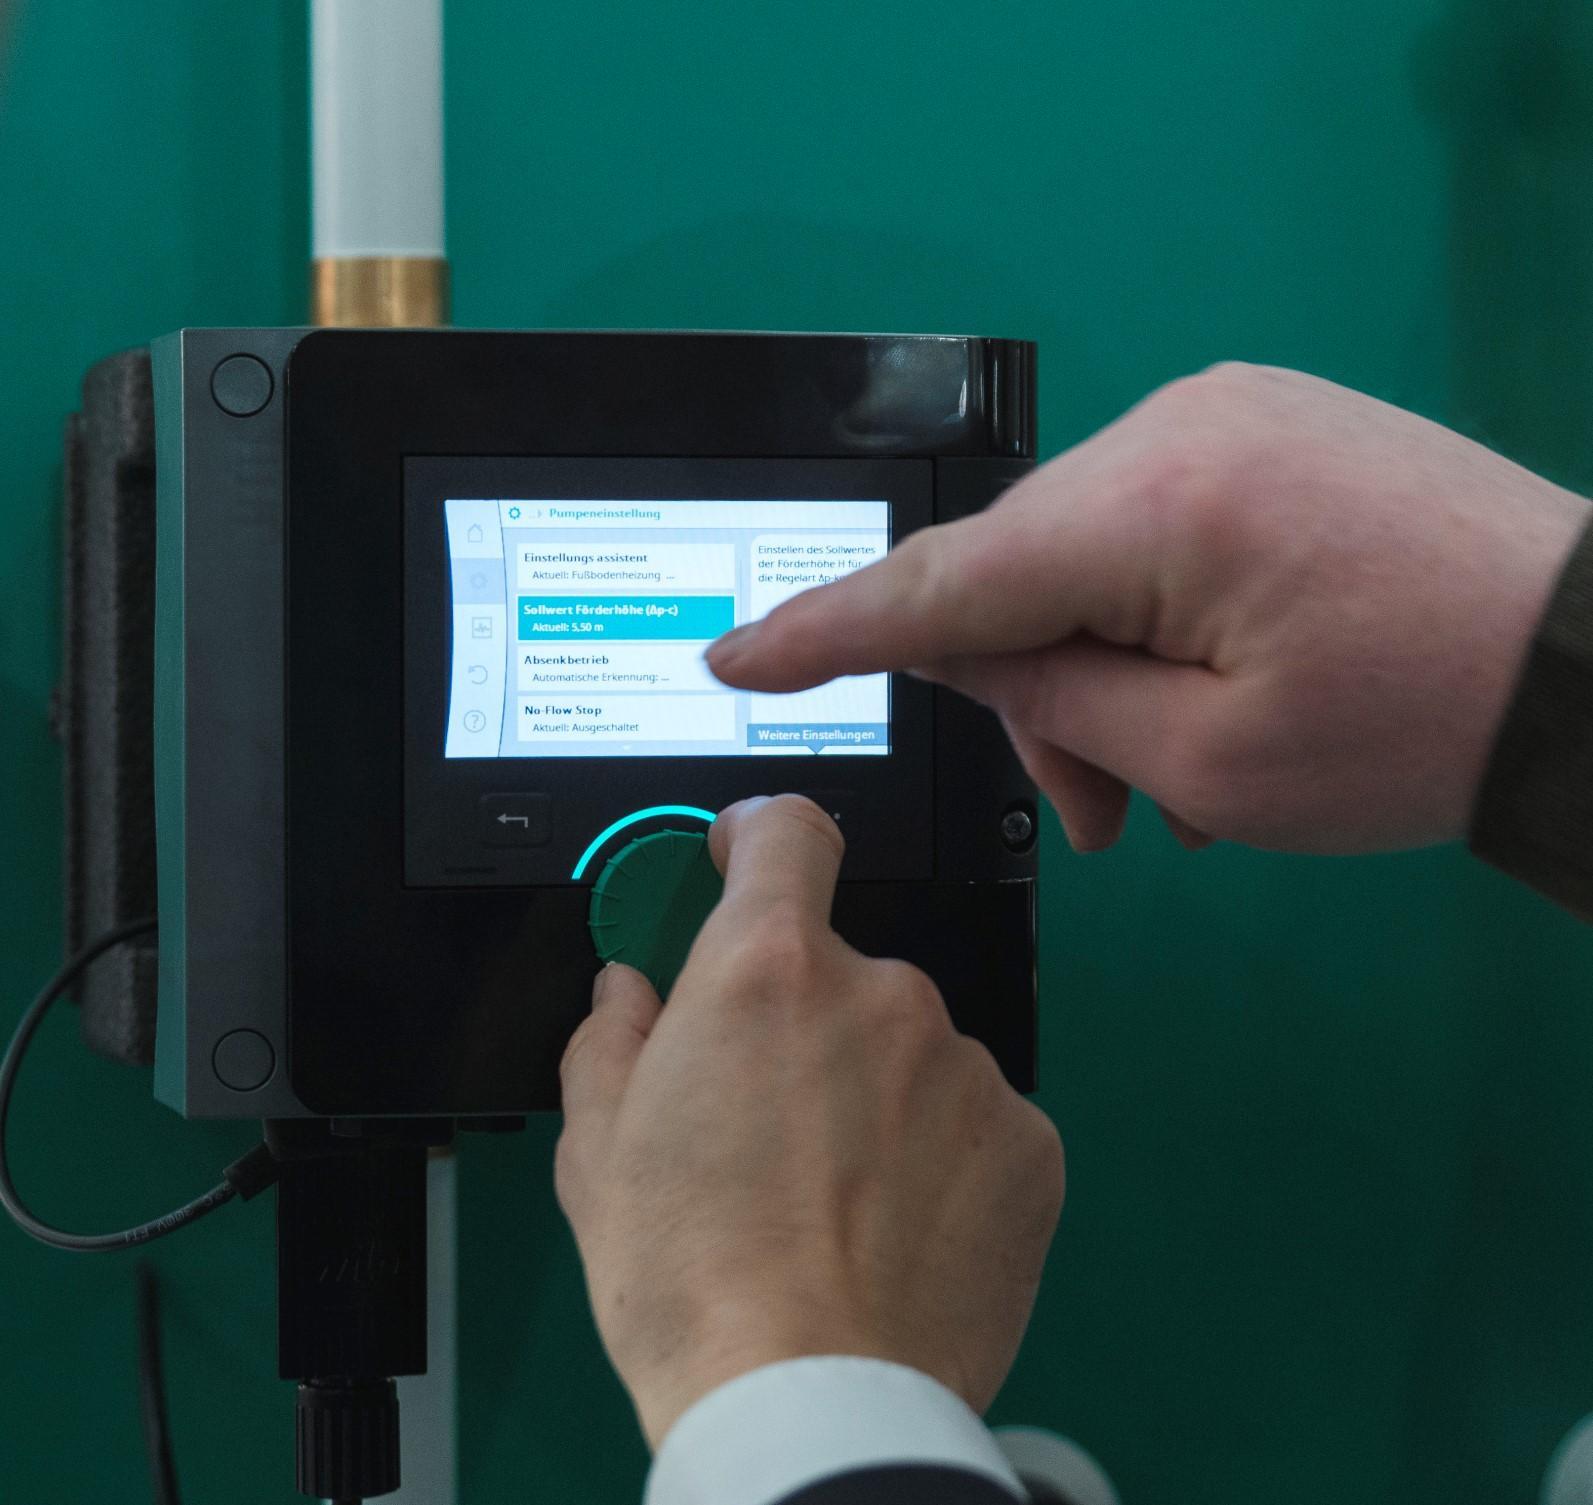 Wilo'dan geleceğin pompa teknolojisi: Dünyanın ilk yapay zekâlı pompası Wilo-Stratos MAXO